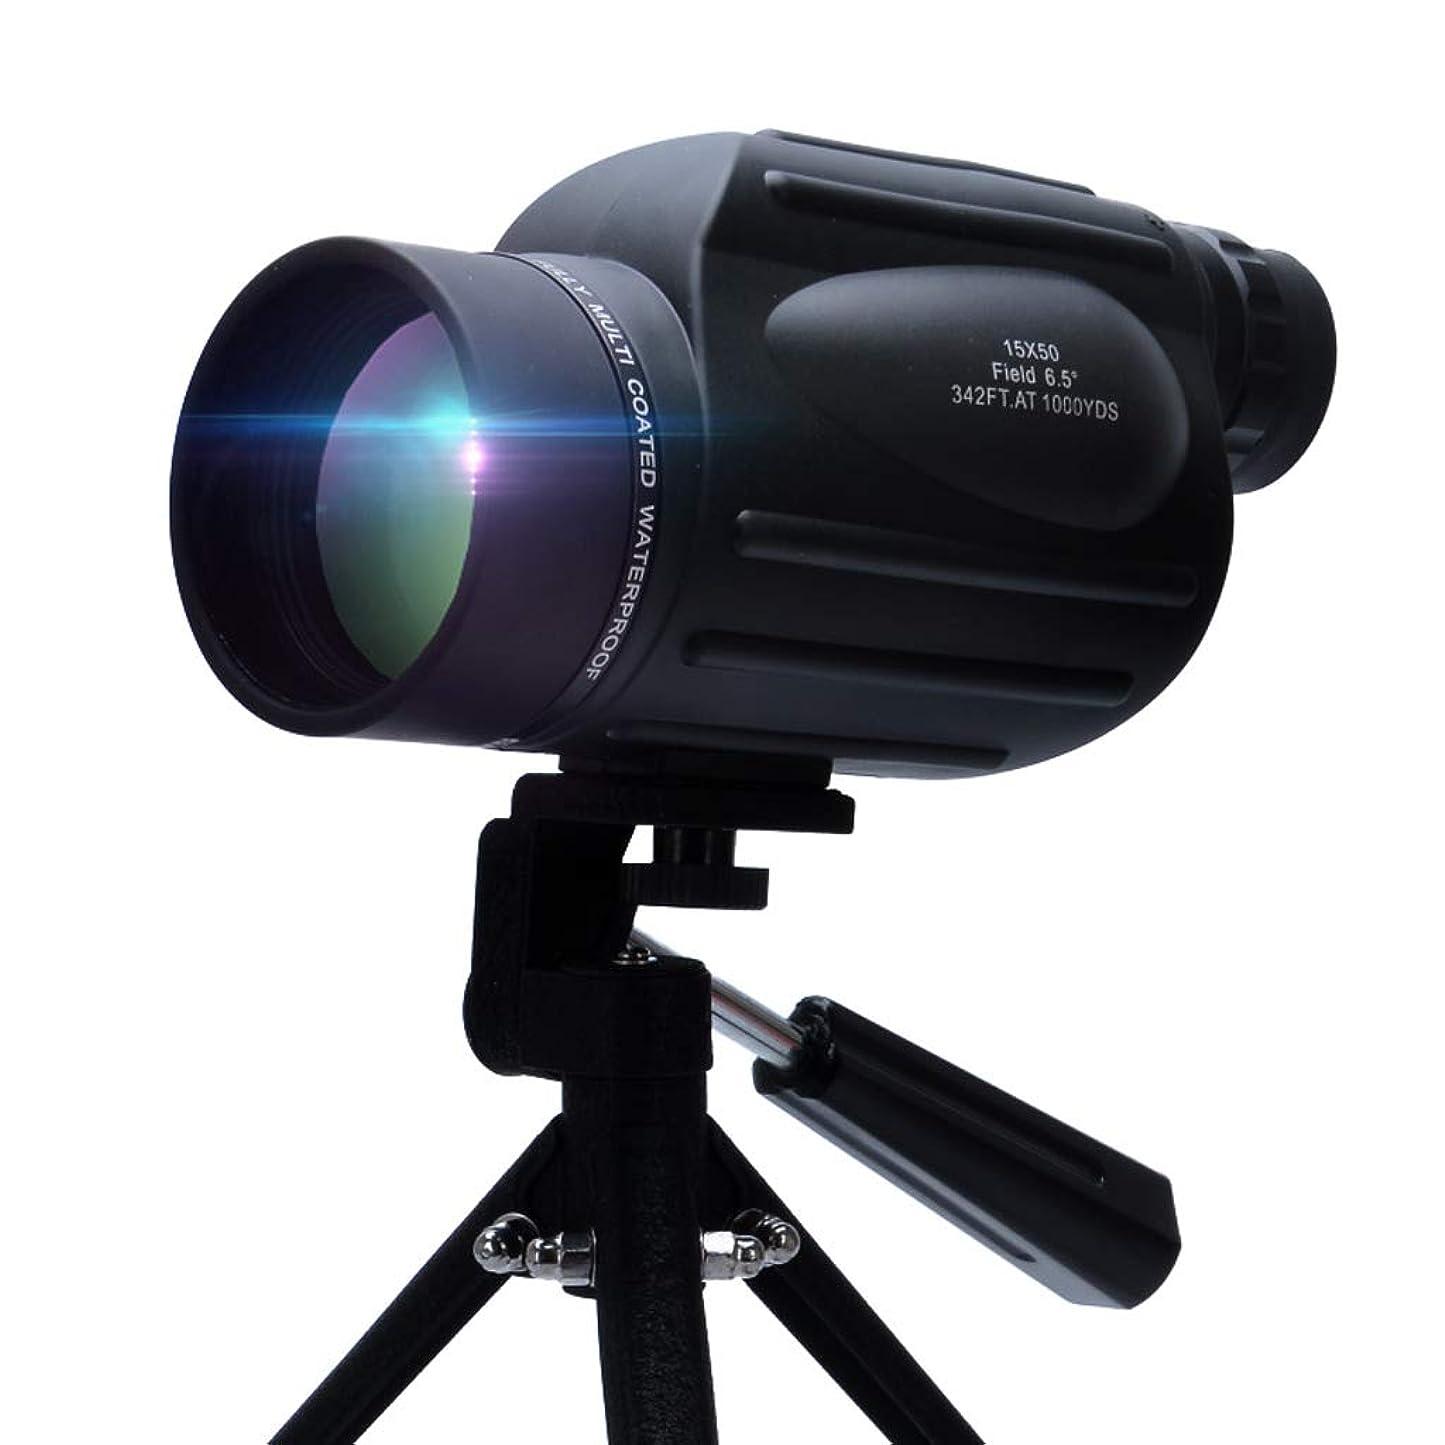 動くアレルギー喜劇双眼鏡 単眼 - 超クリア防水屋外望遠鏡 - ズームライト級望遠鏡15 x 50 HBJP